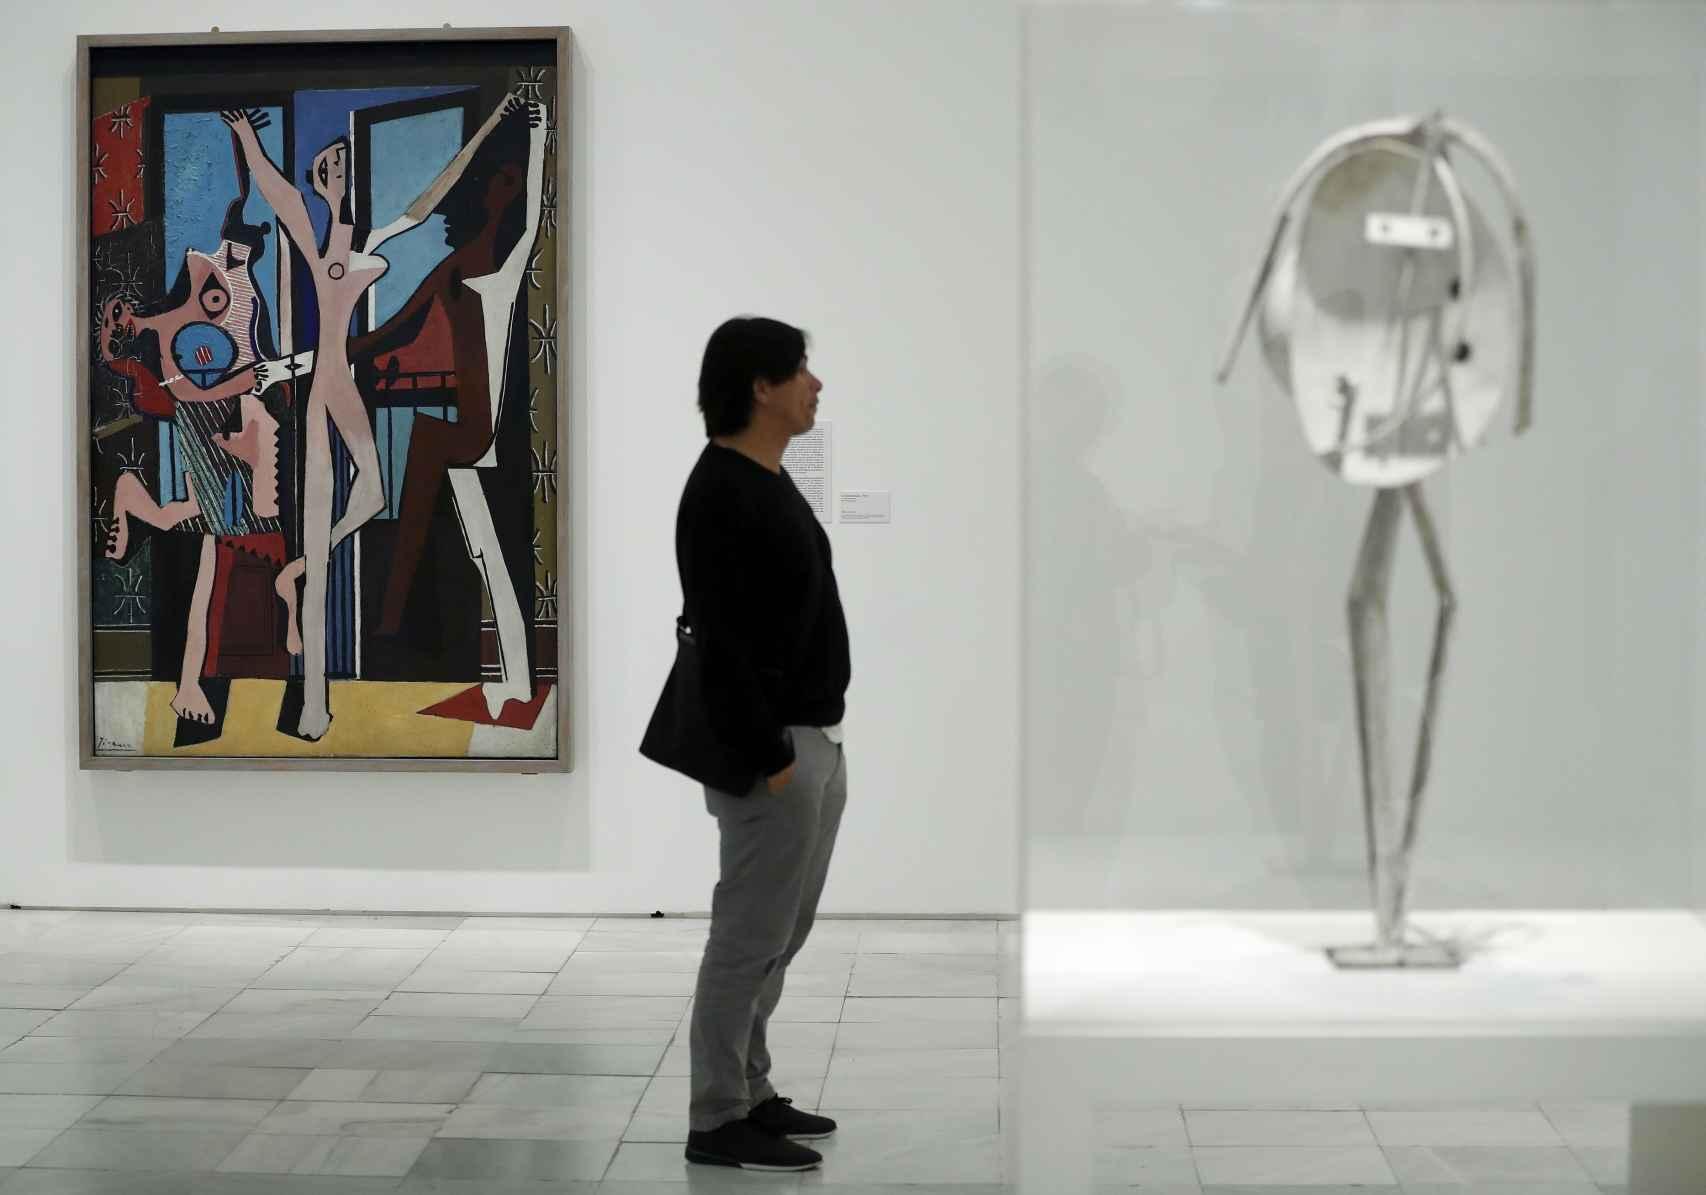 La pintura Las tres bailarinas, al fondo, como gran hito de la muestra.